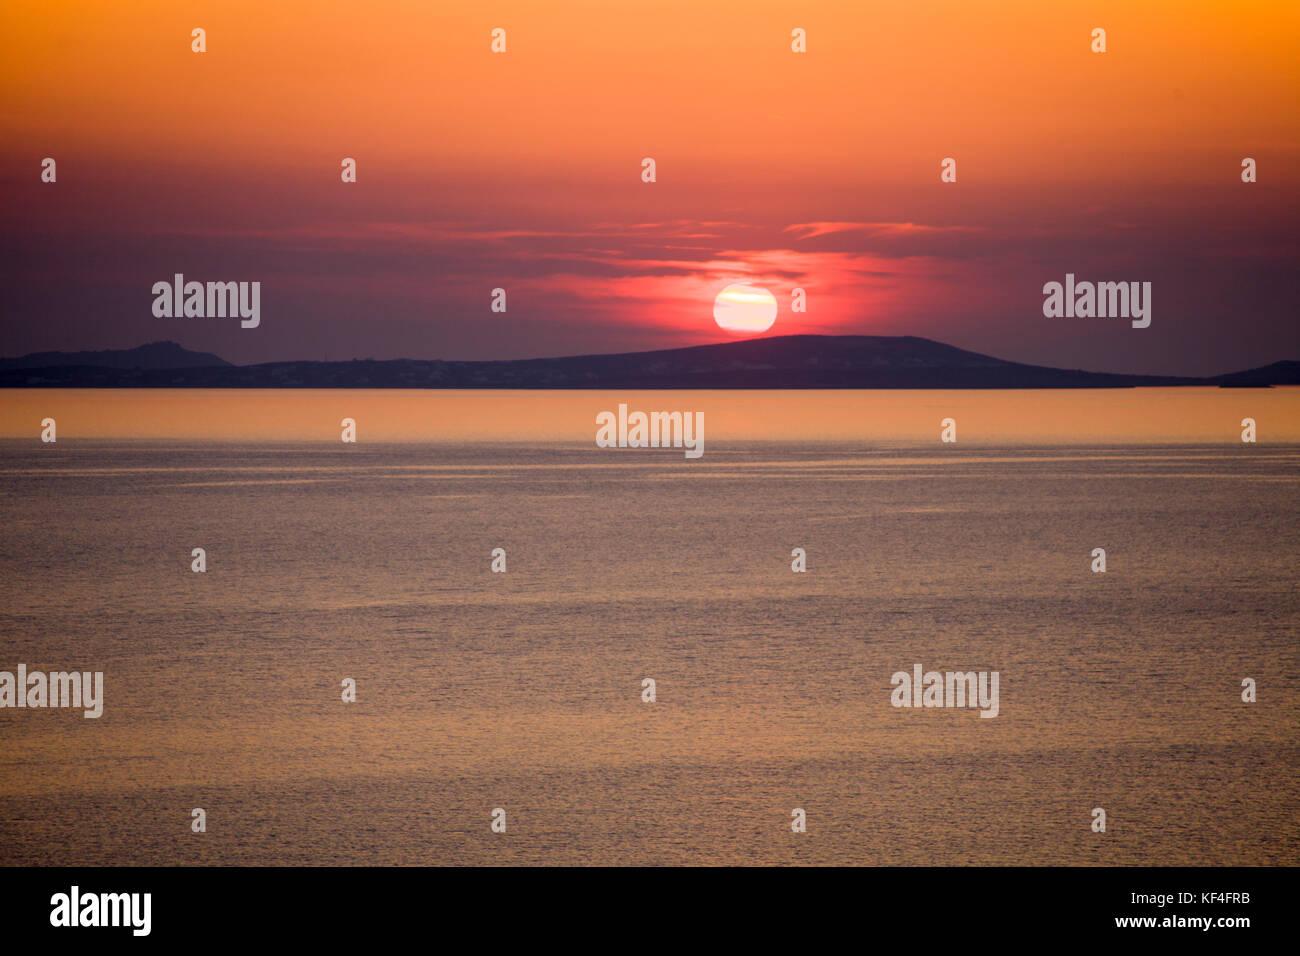 Sonnenuntergang an der Ägäis, Naxos, Kykladen, Ägäis, Griechenland Stockbild